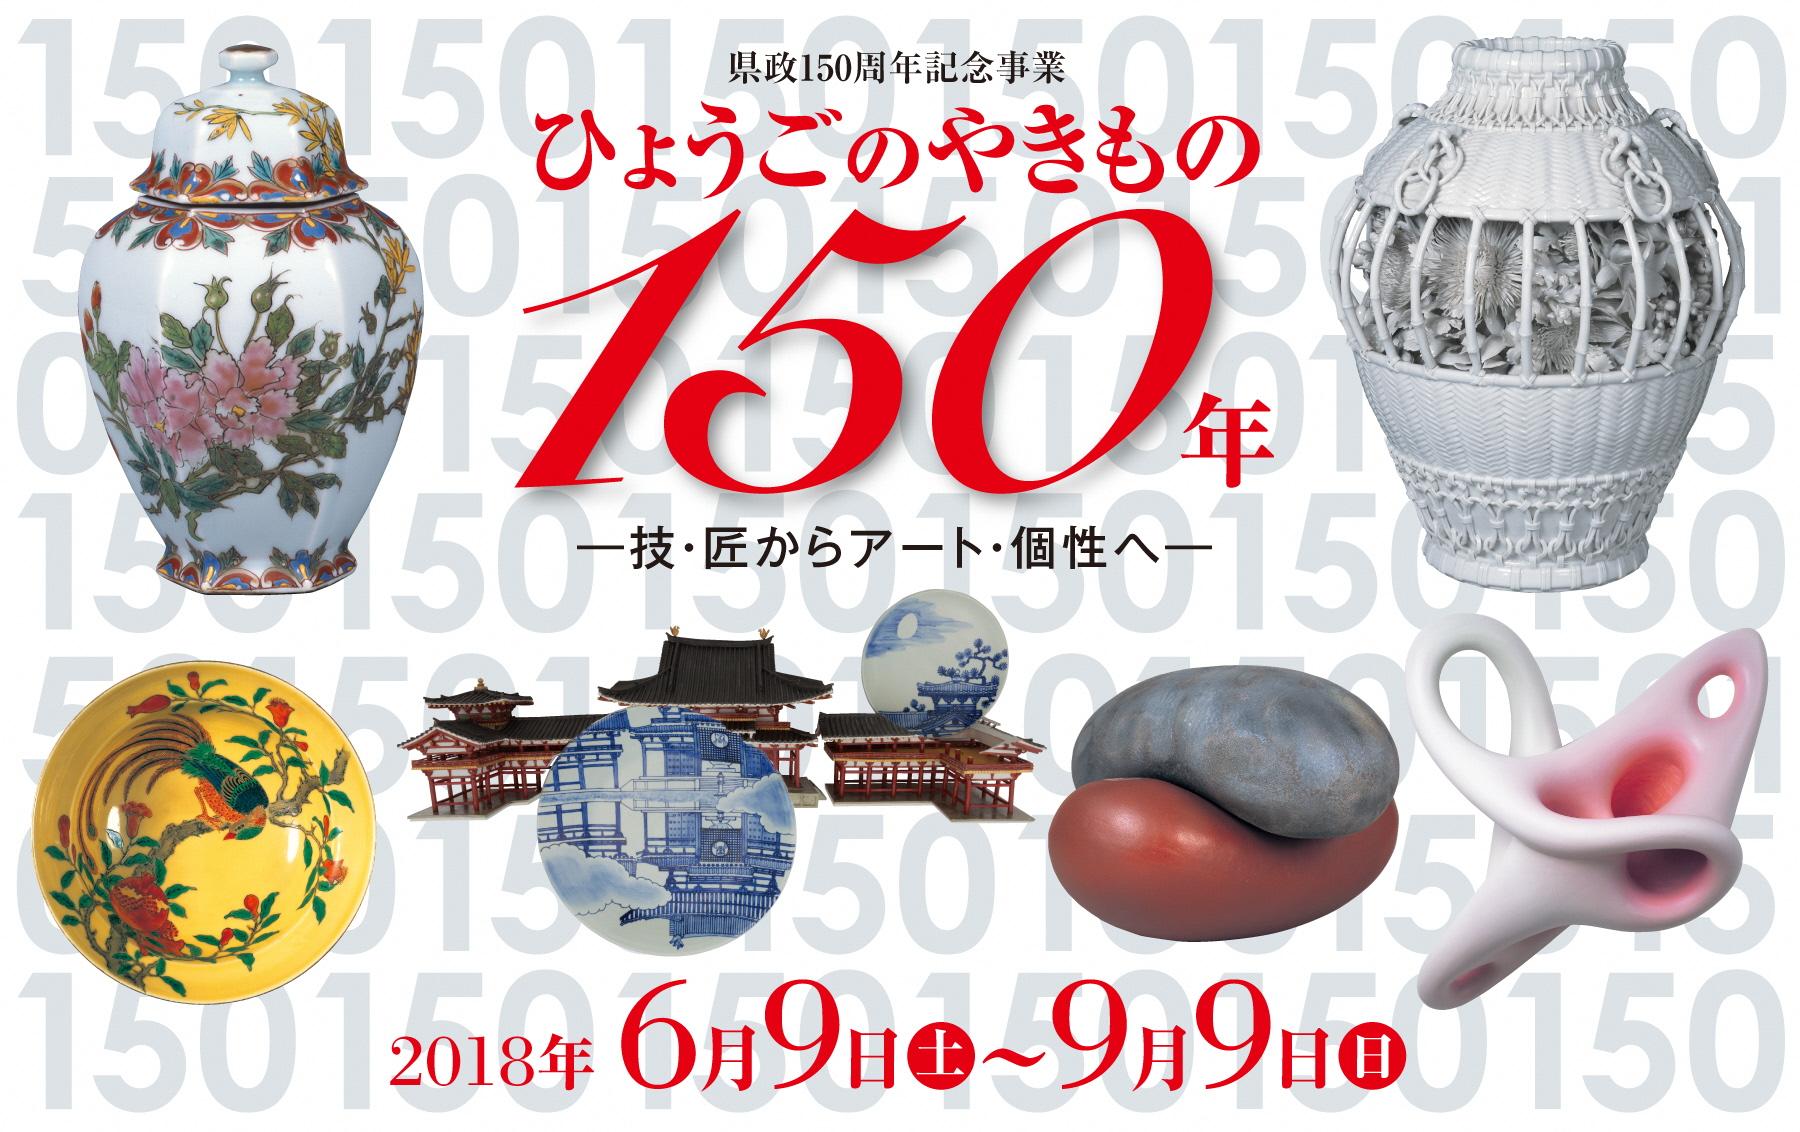 県政150周年記念事業 「ひょうごのやきもの150年―技・匠からアート・個性へ―」